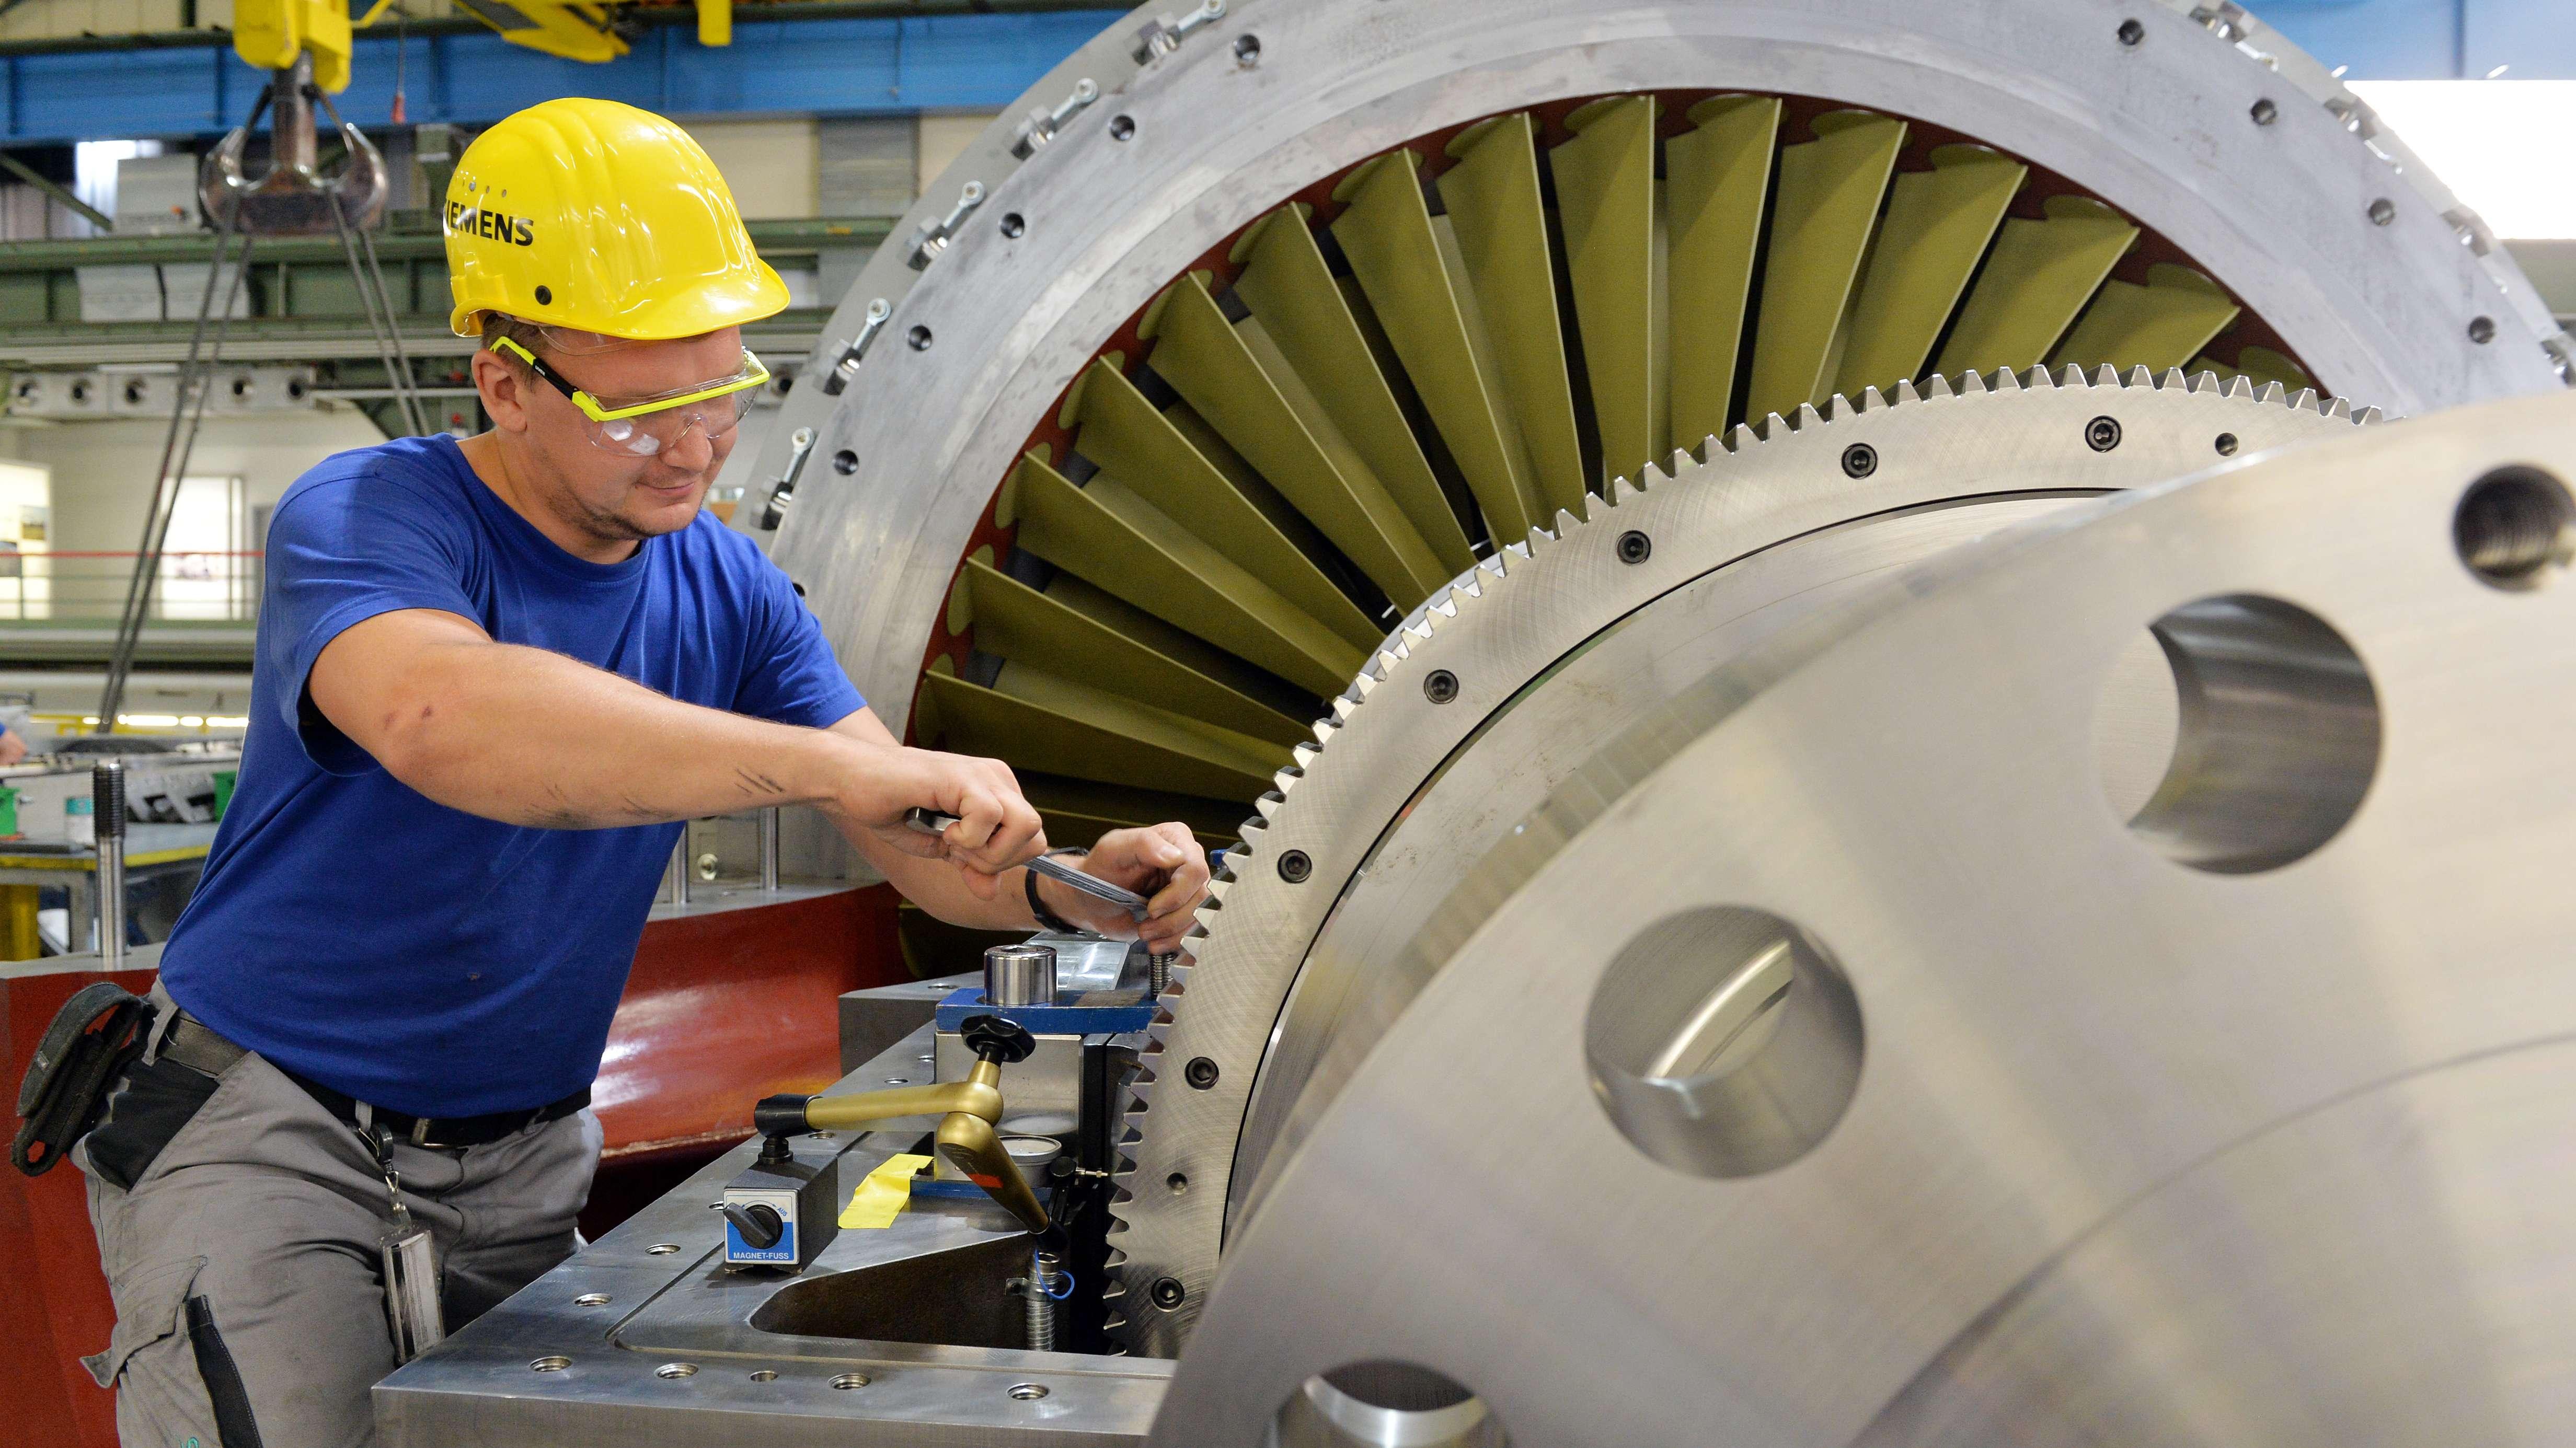 Siemens-Facharbeiter montiert im Berliner Gasturbinenwerk eine Turbine in der Endmontage